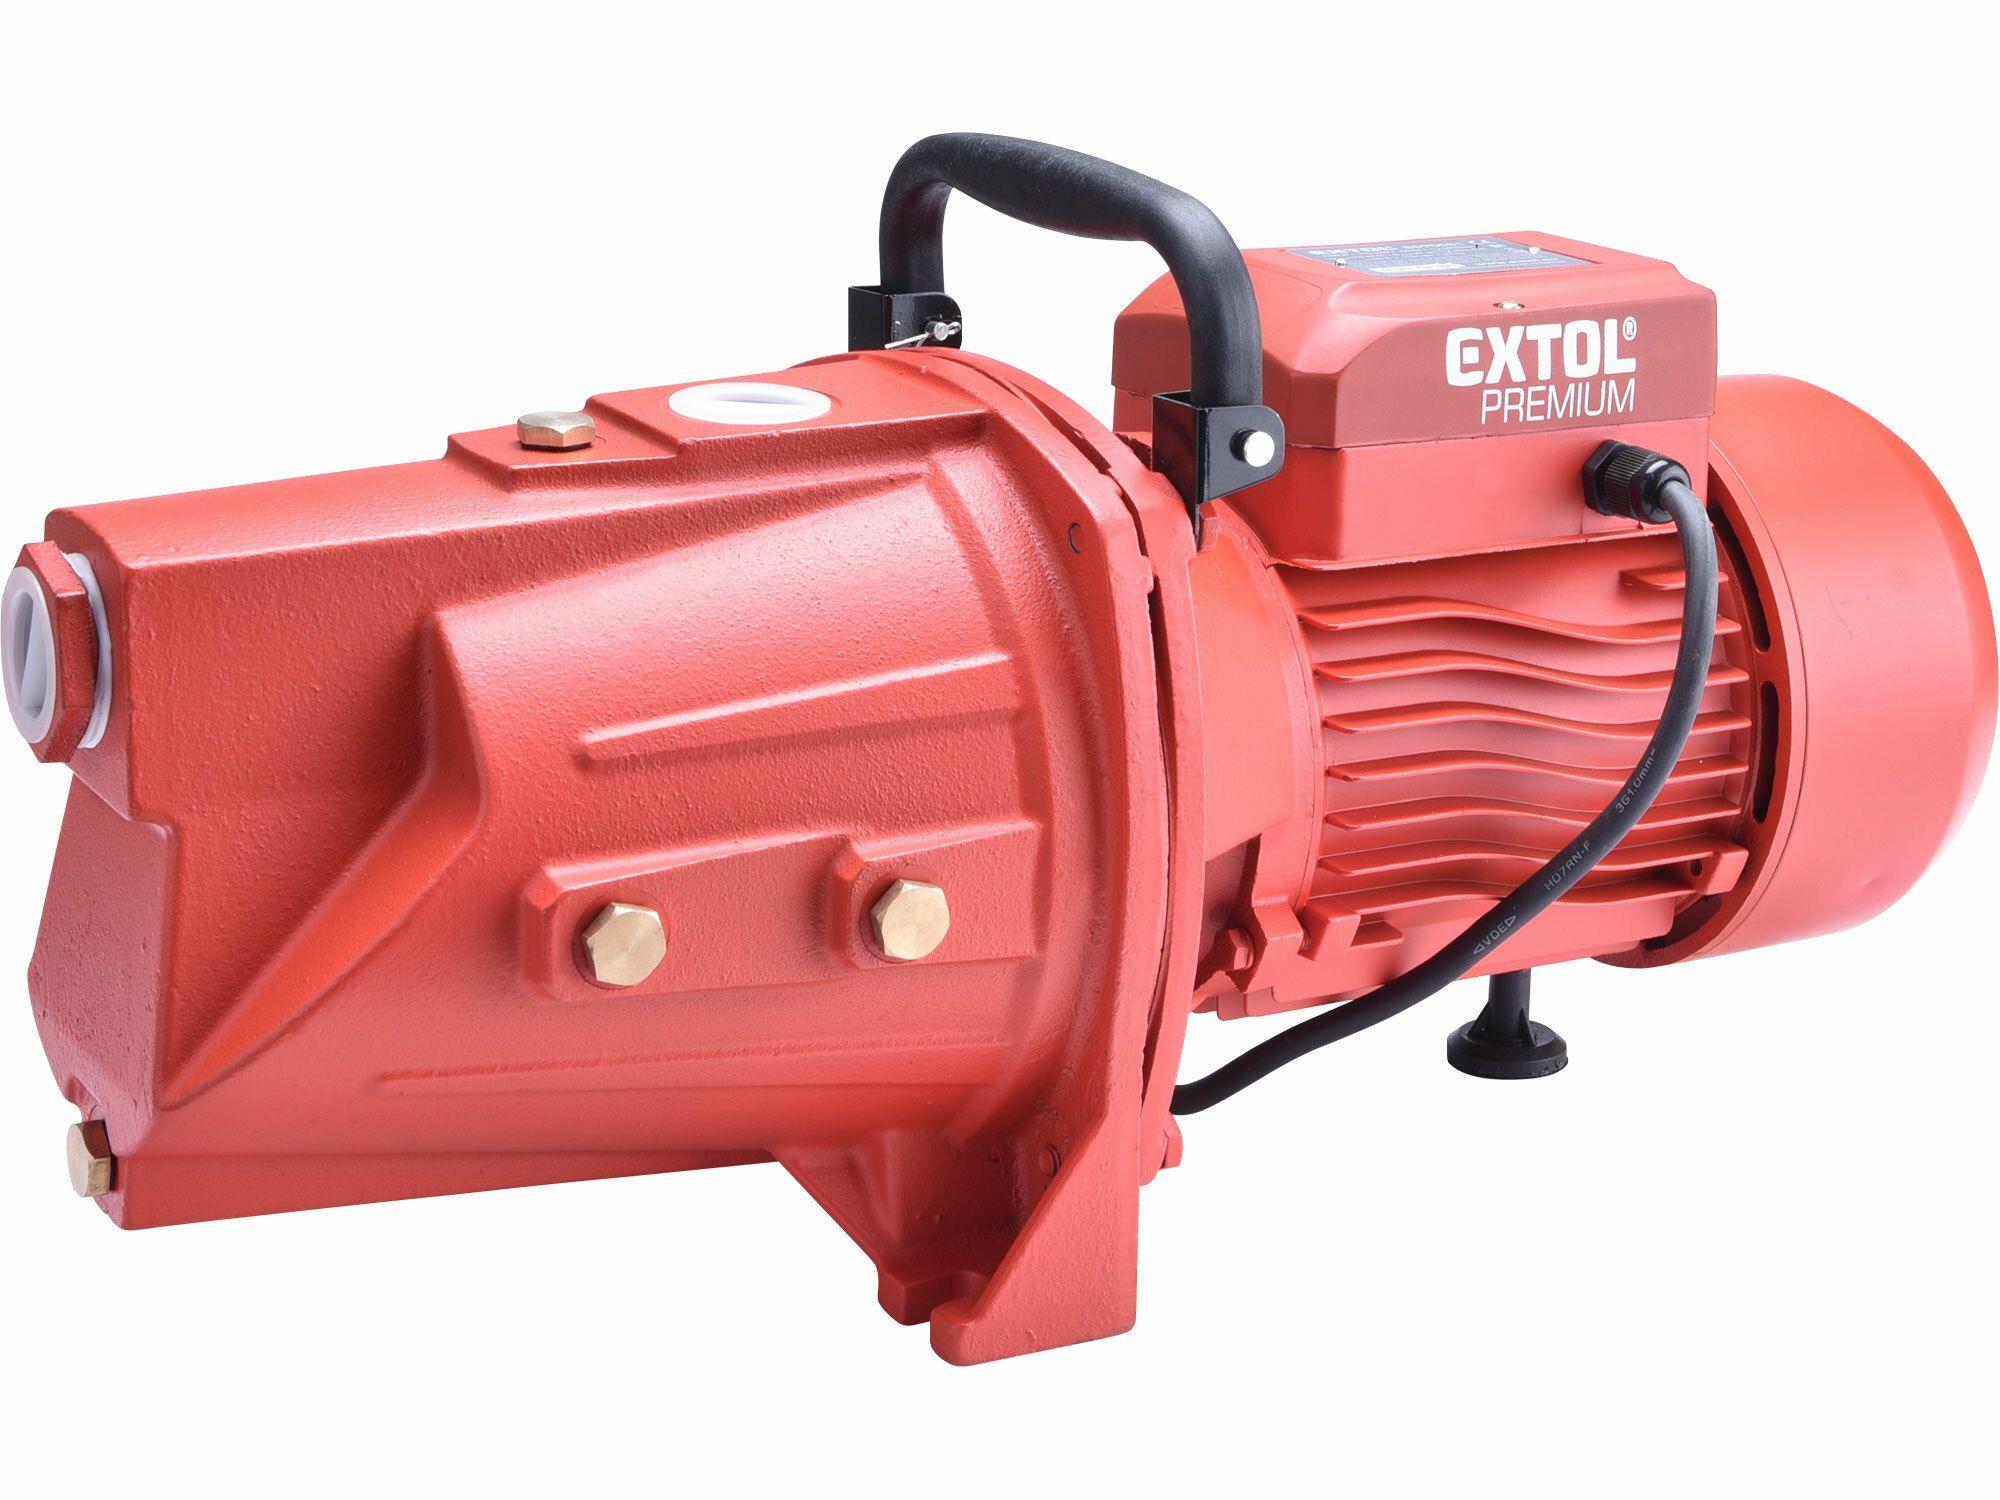 Čerpadlo proudové, 1100W, 9500l/hod, EXTOL PREMIUM, 8895081 EXTOL-PREMIUM